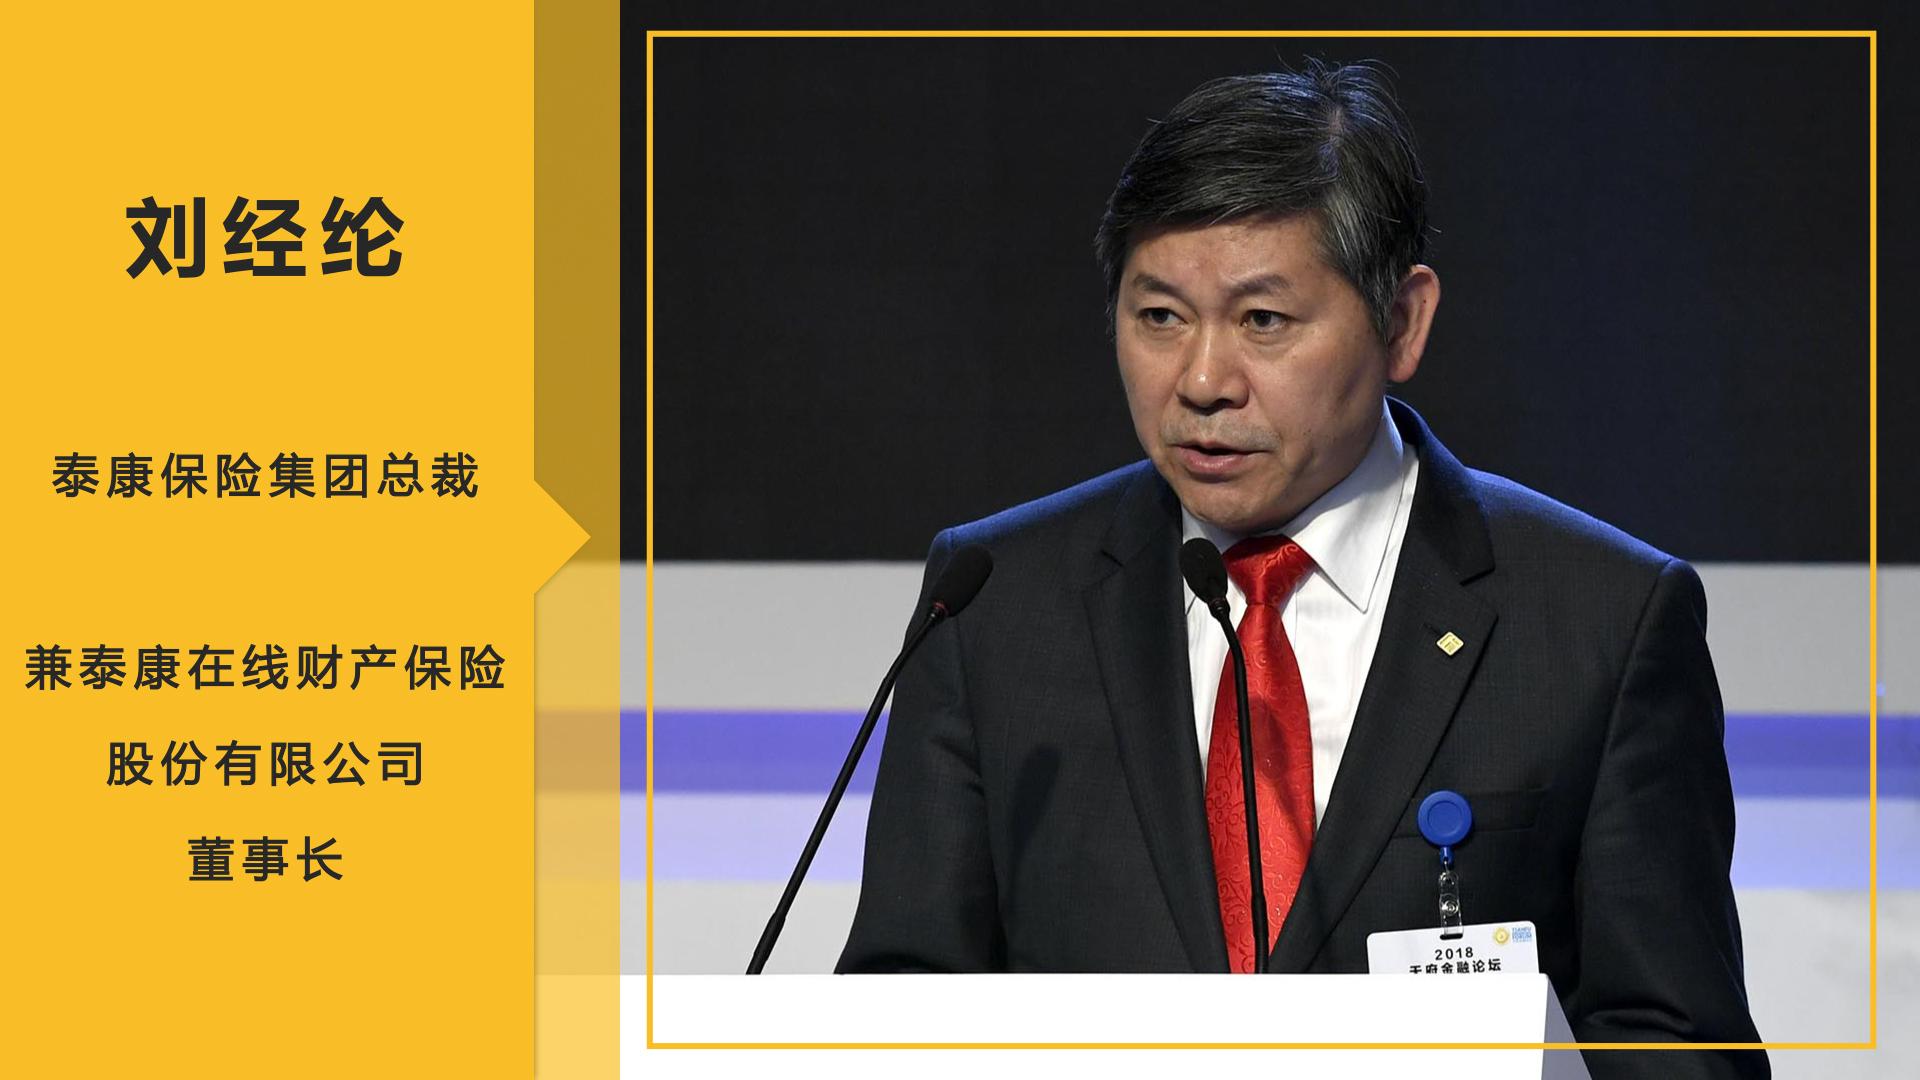 刘经纶:保险科技正在重塑保险业生态